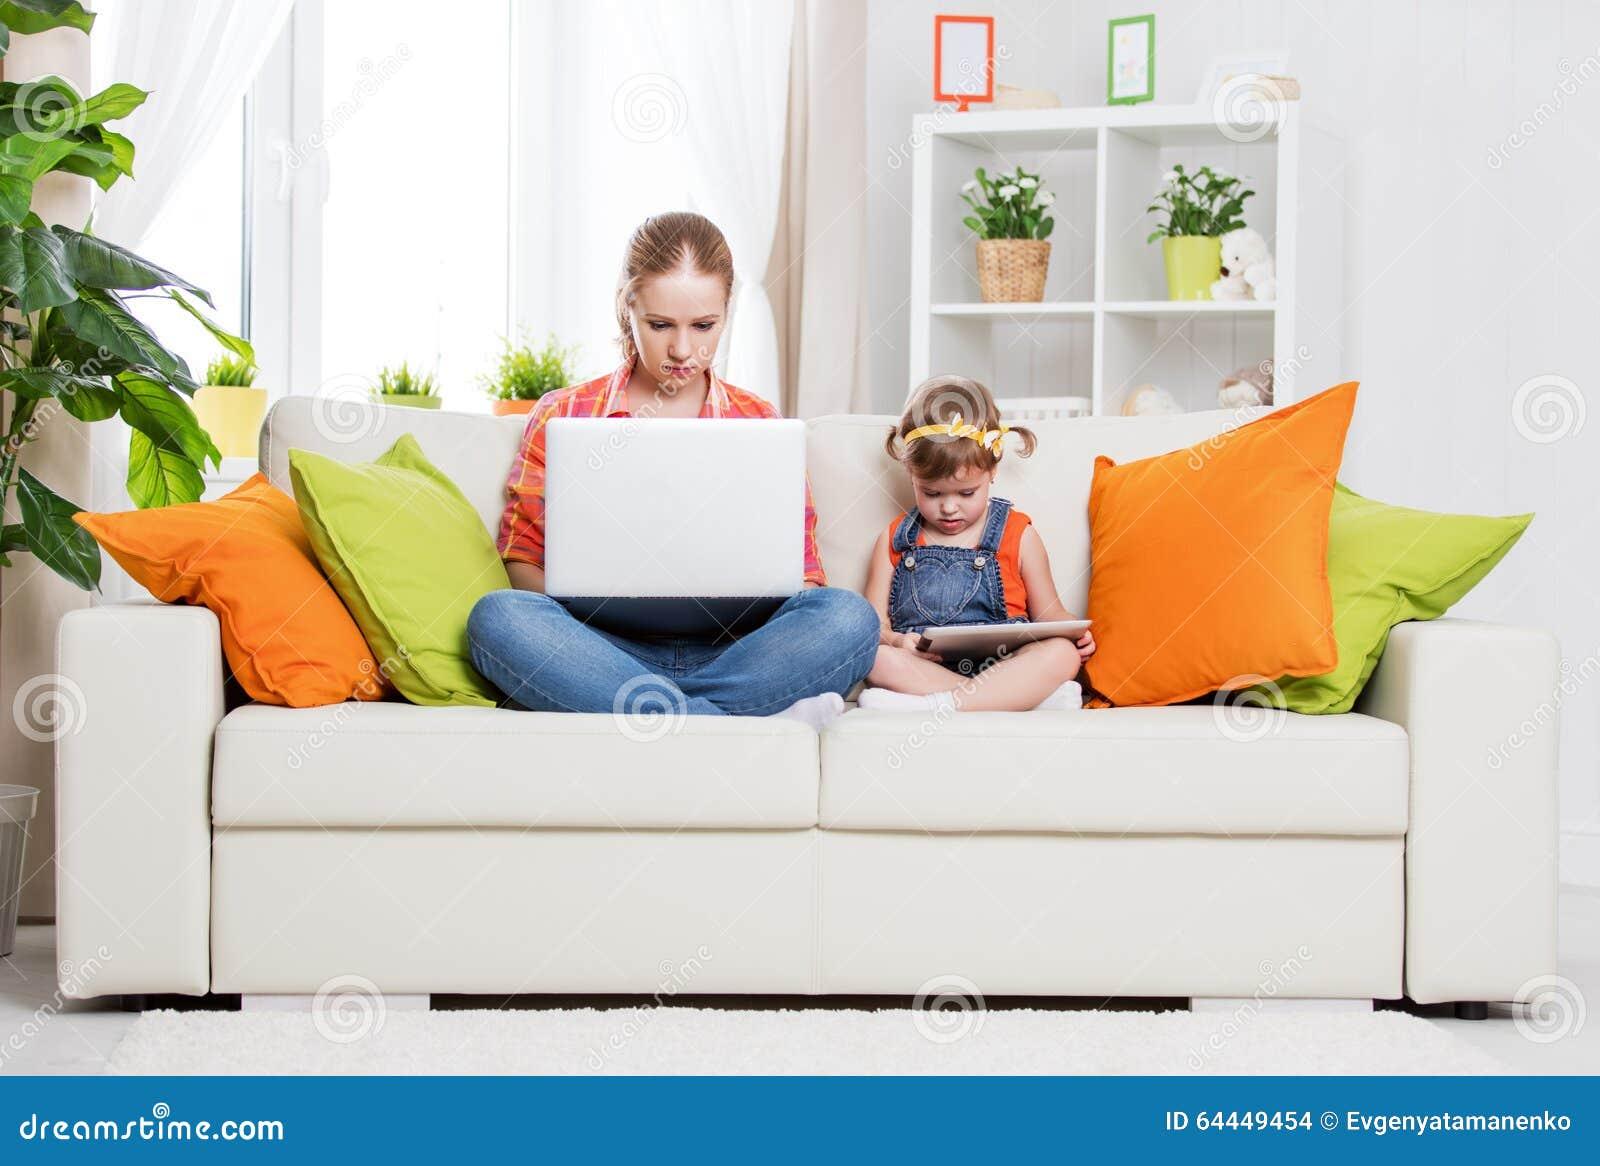 Μητέρα και παιδί με τον υπολογιστή και την ταμπλέτα στο σπίτι, σύμφωνα με